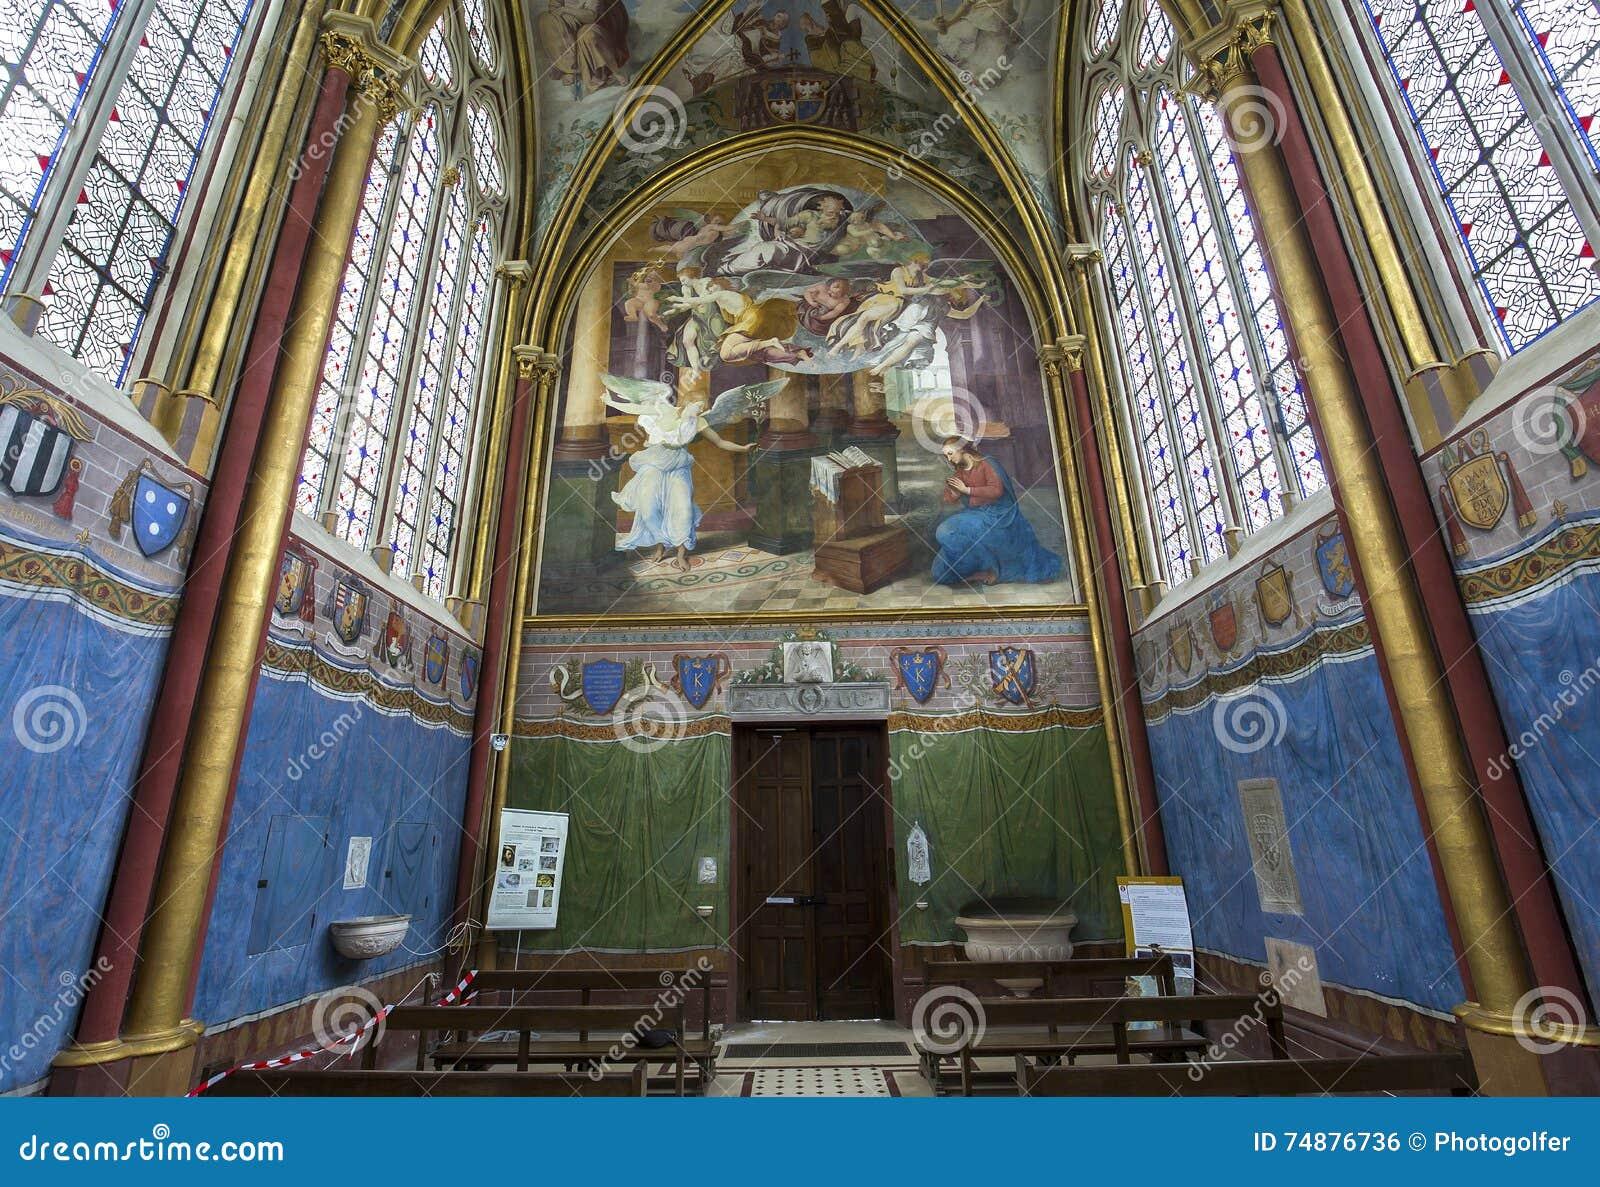 Primaticekapel, Chaalis-abdij, Chaalis, Frankrijk